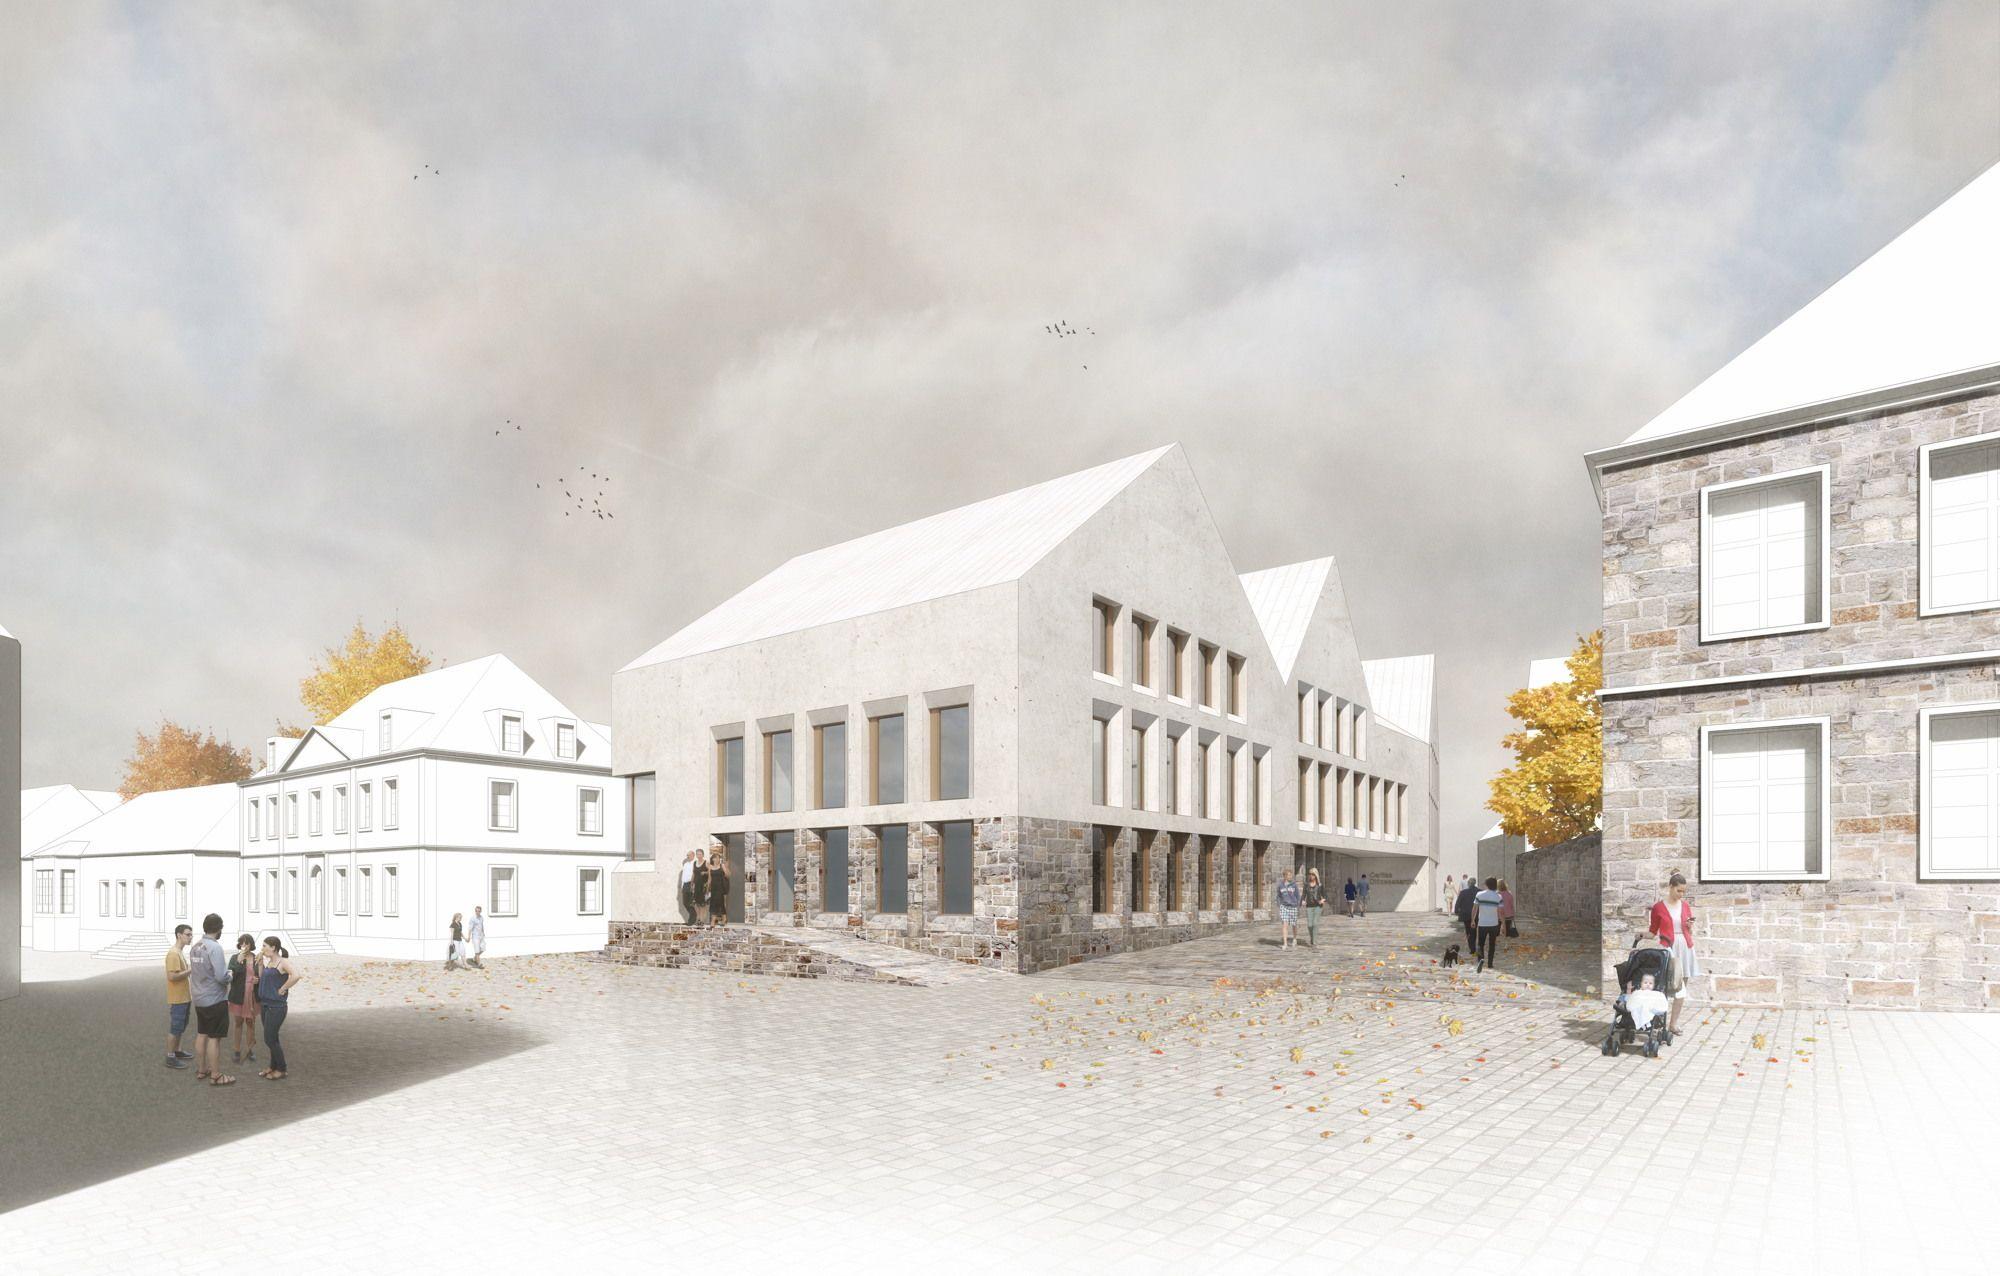 Architektur Paderborn domblick staab architekten gewinnen in paderborn architektur